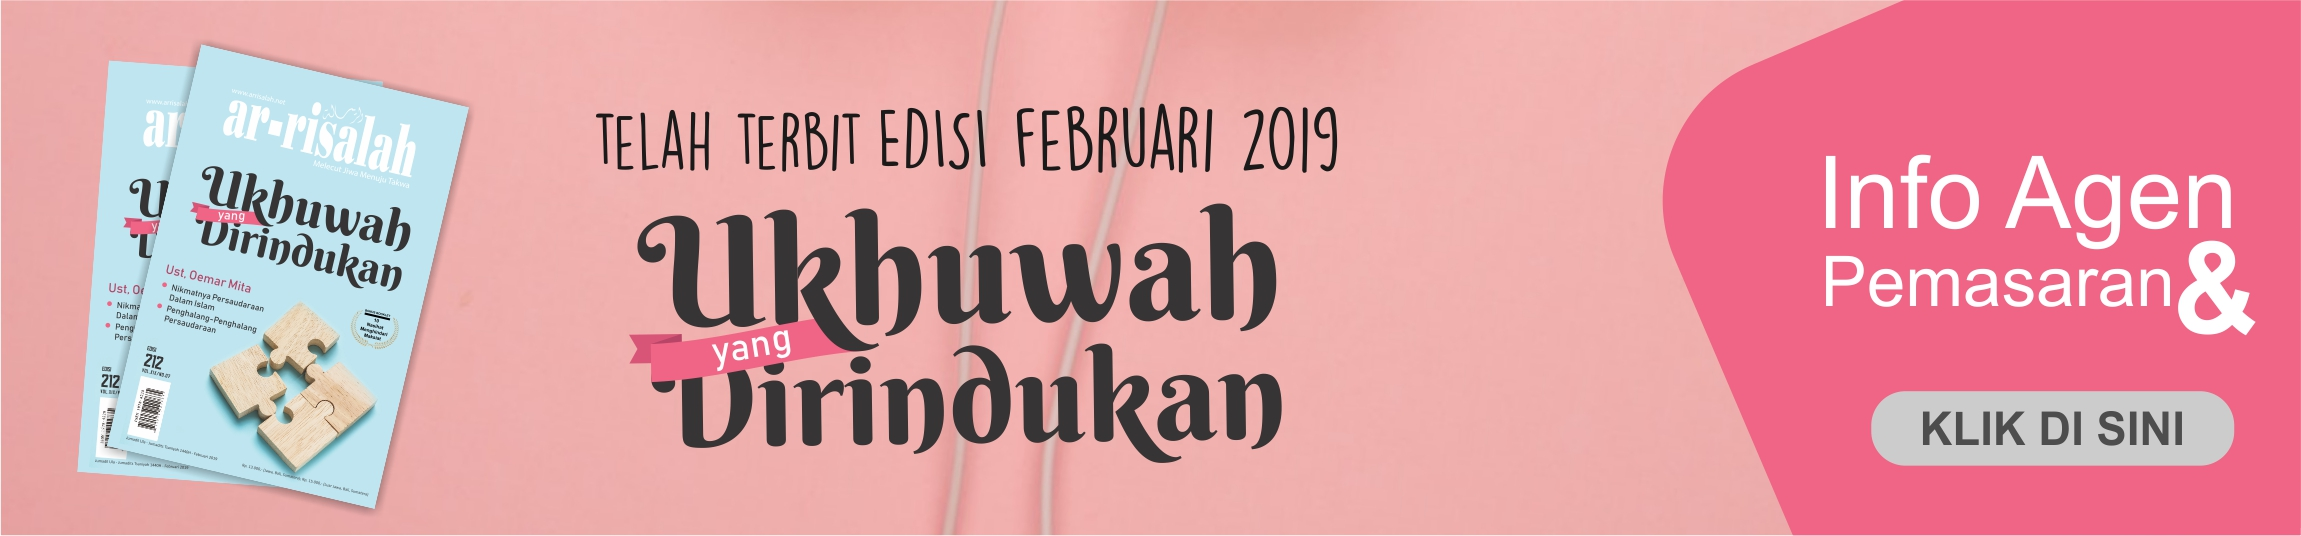 majalah ar-risalah edisi februari